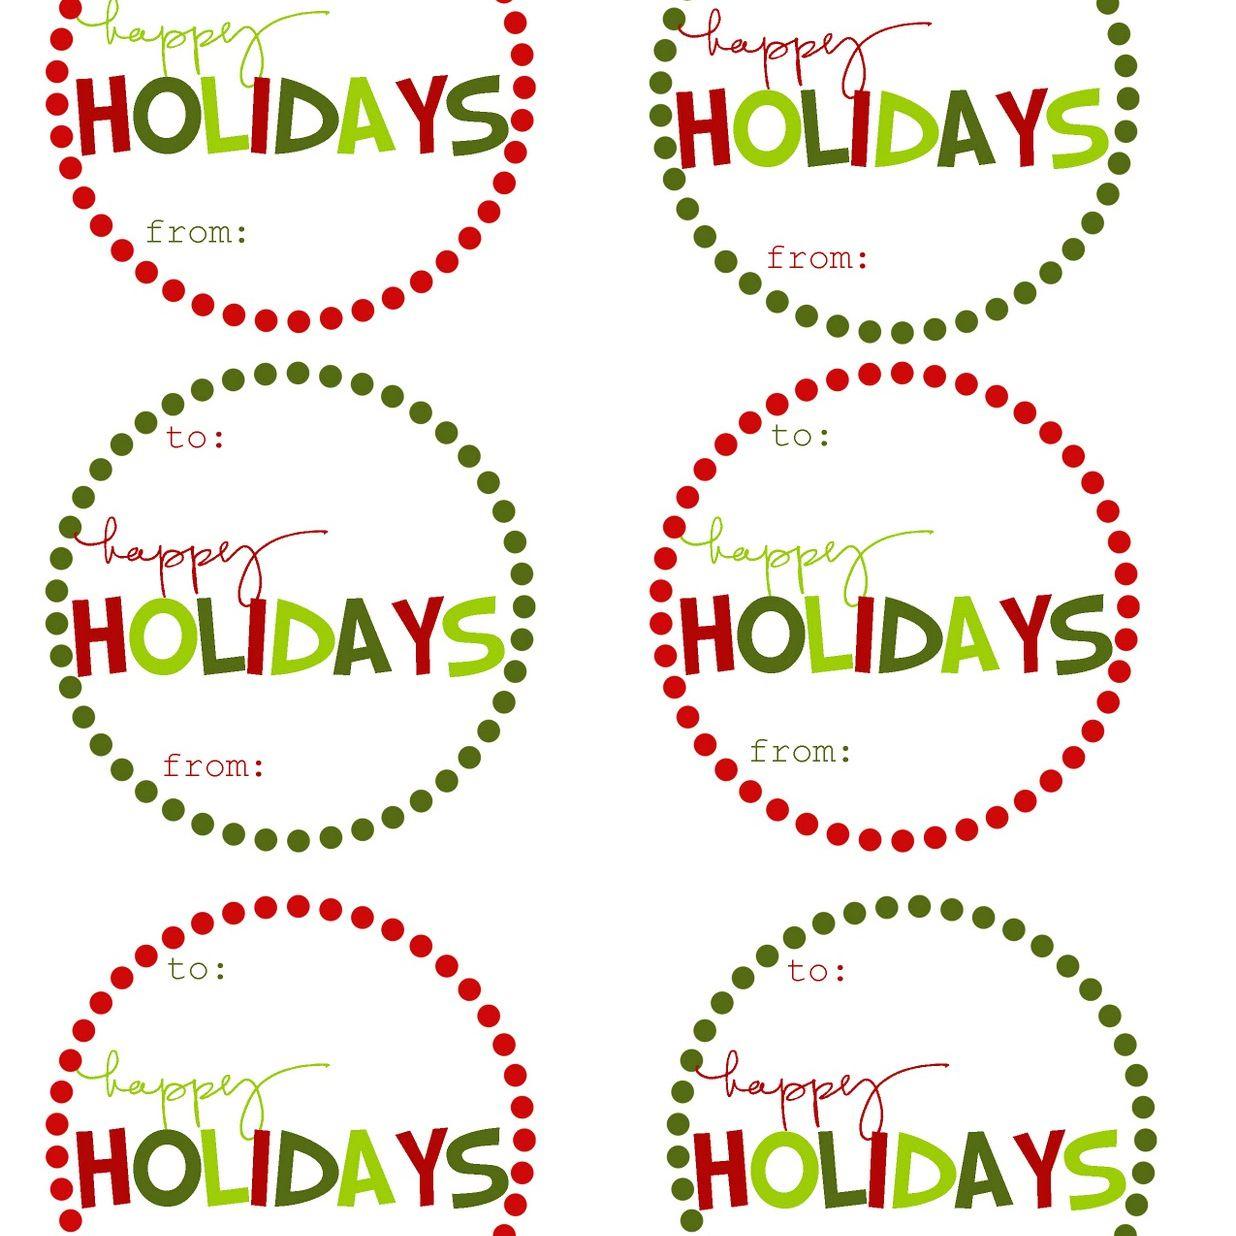 40 Sets Of Free Printable Christmas Gift Tags - Free Printable Santa Gift Tags